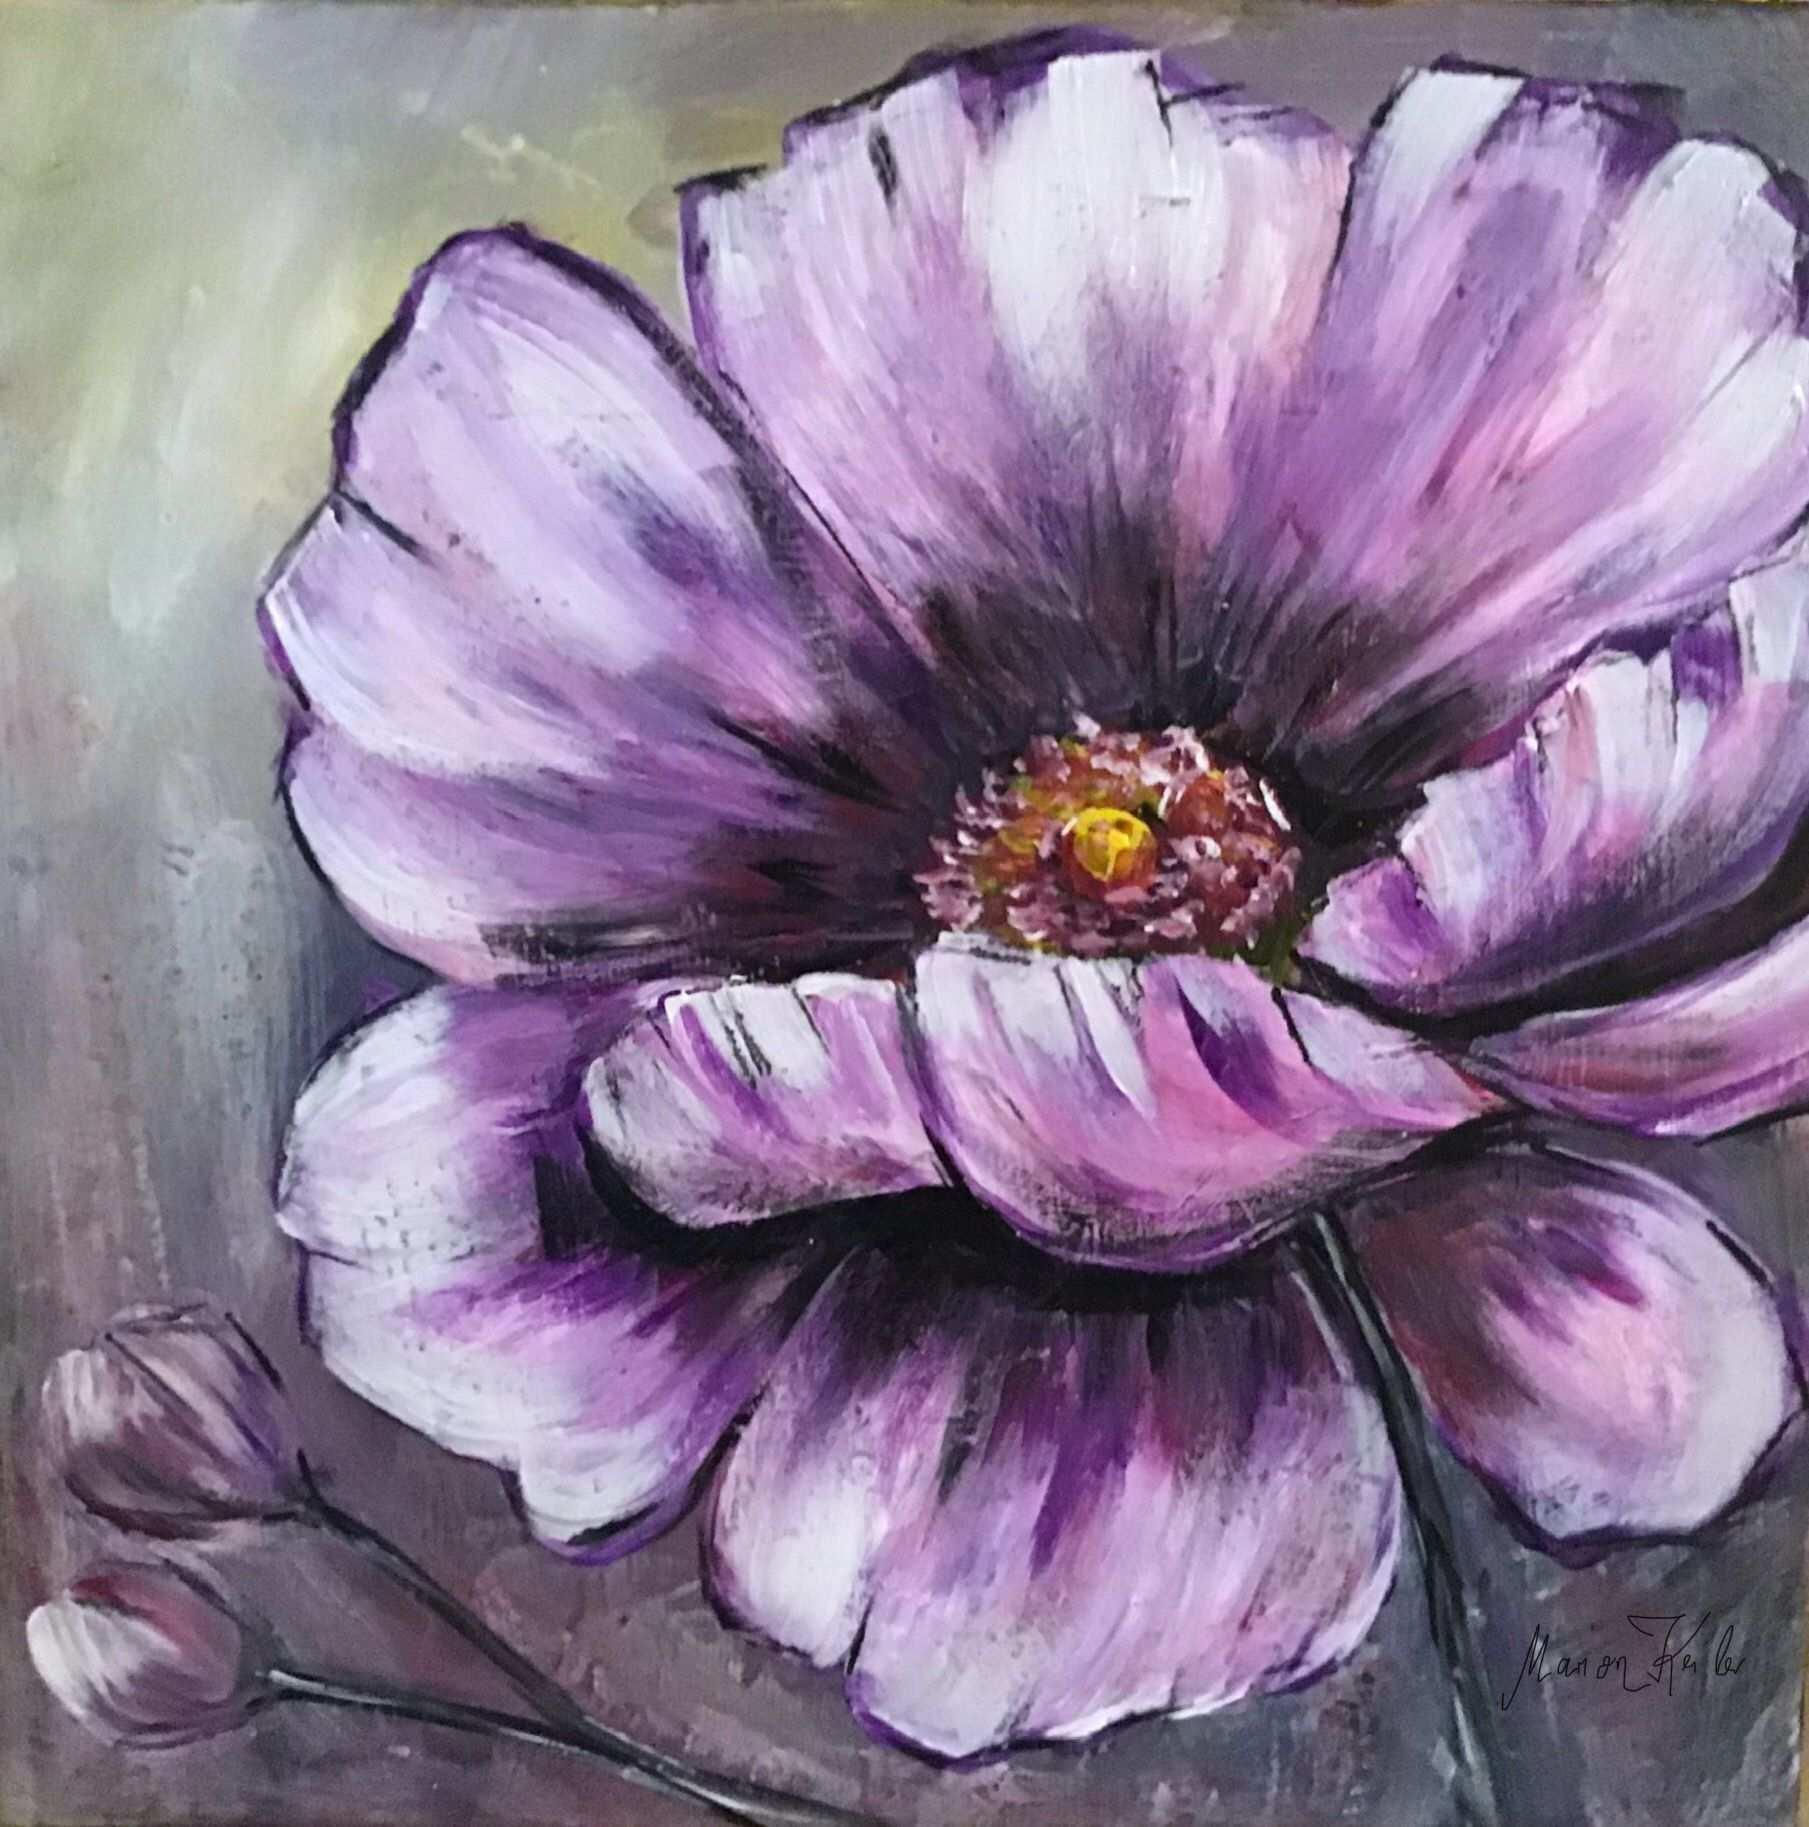 Acrylmalerei Blume 40x40 Auf Keilrahmen Orginal Von M K Acrylmalerei Blumen Blumen Malen Acrylmalerei